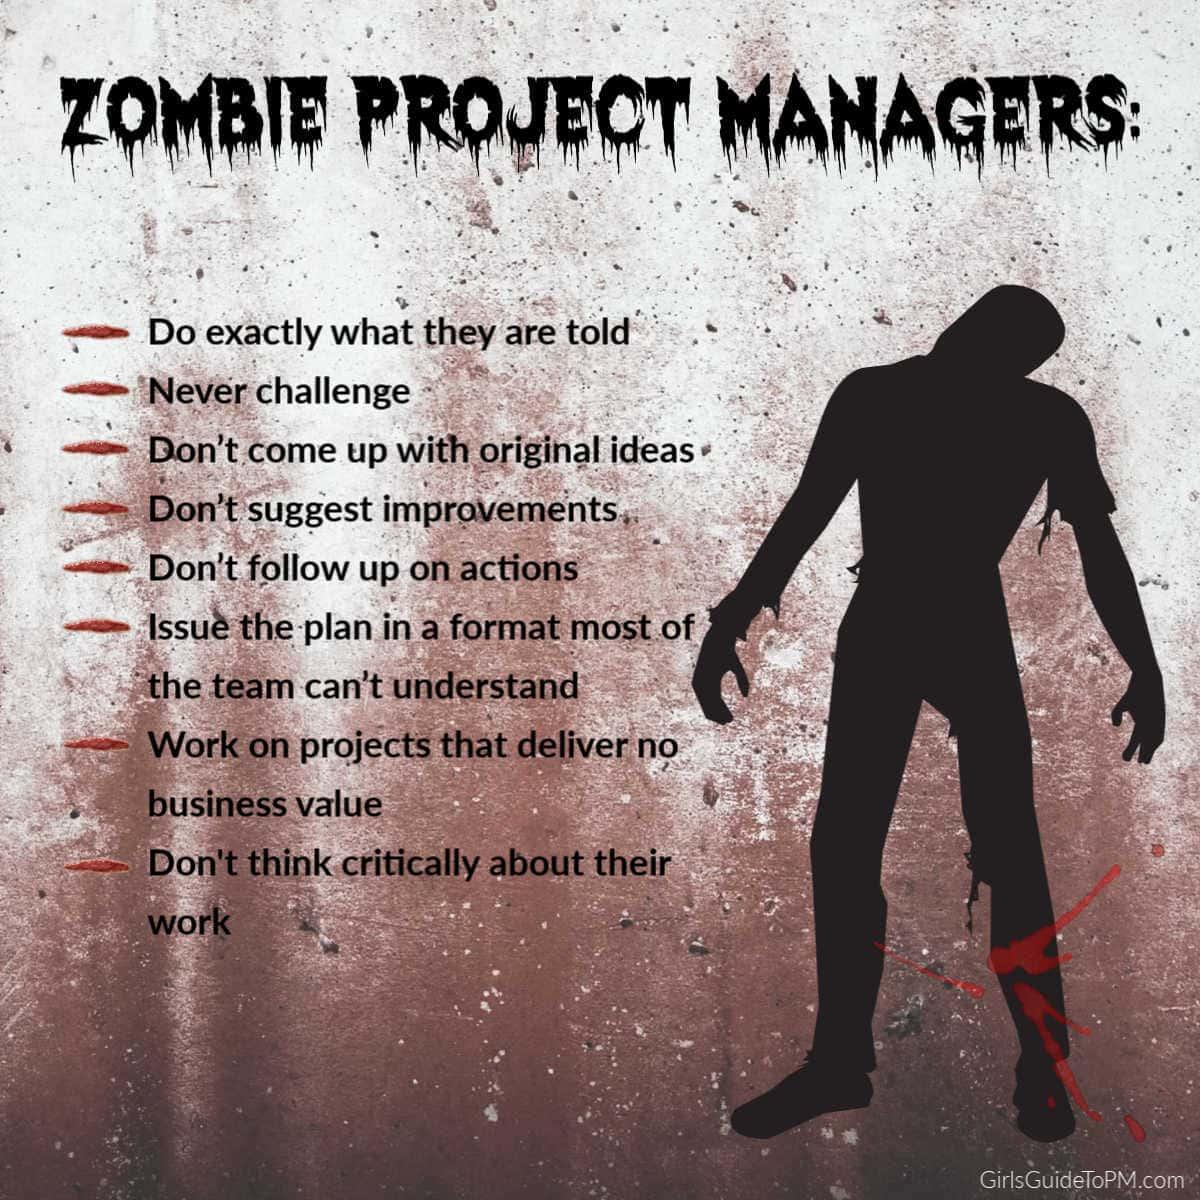 rasgos de los gerentes de proyecto zombie